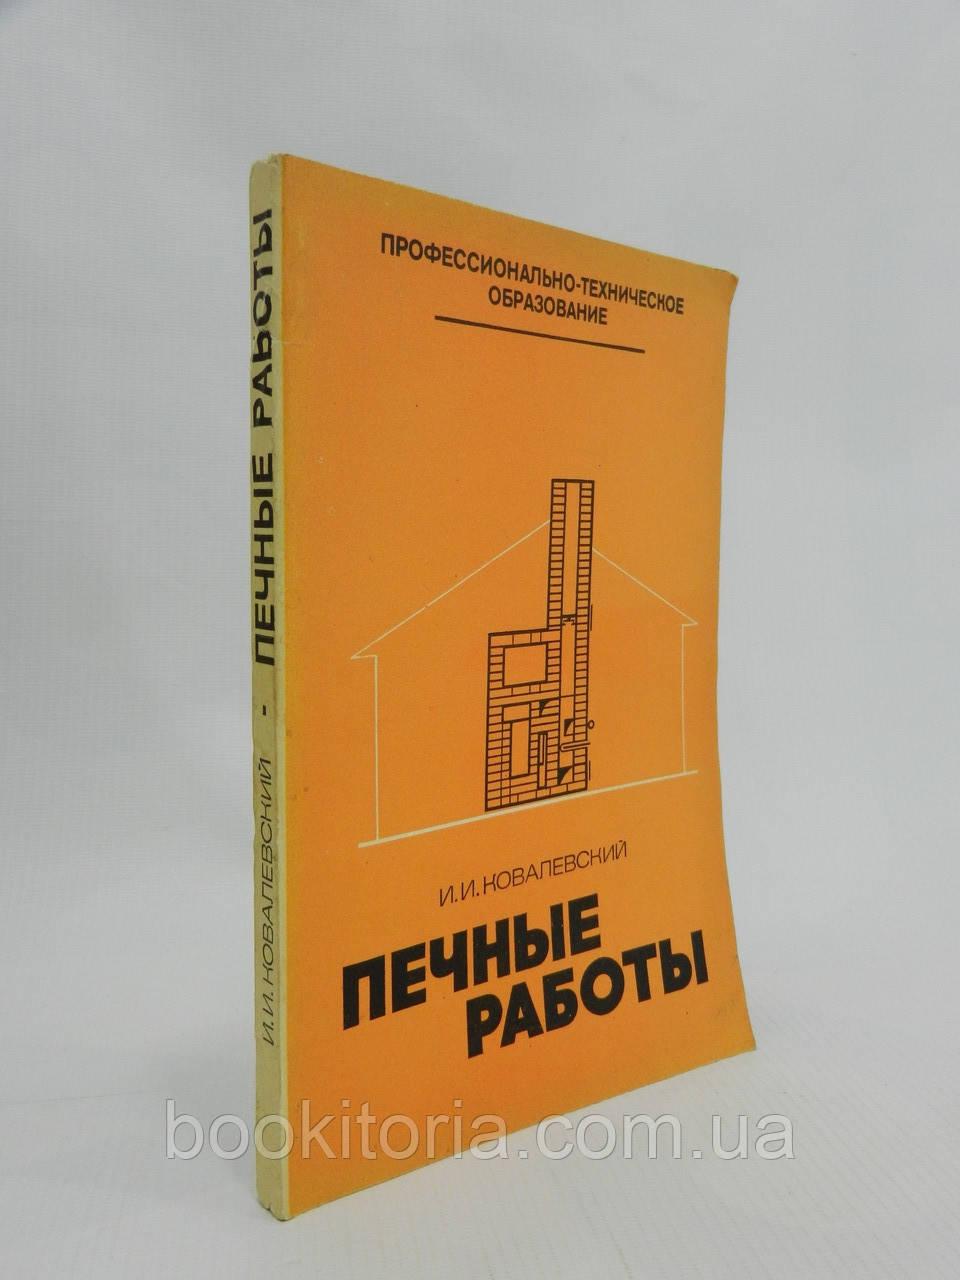 Ковалевский И. Печные работы (б/у).